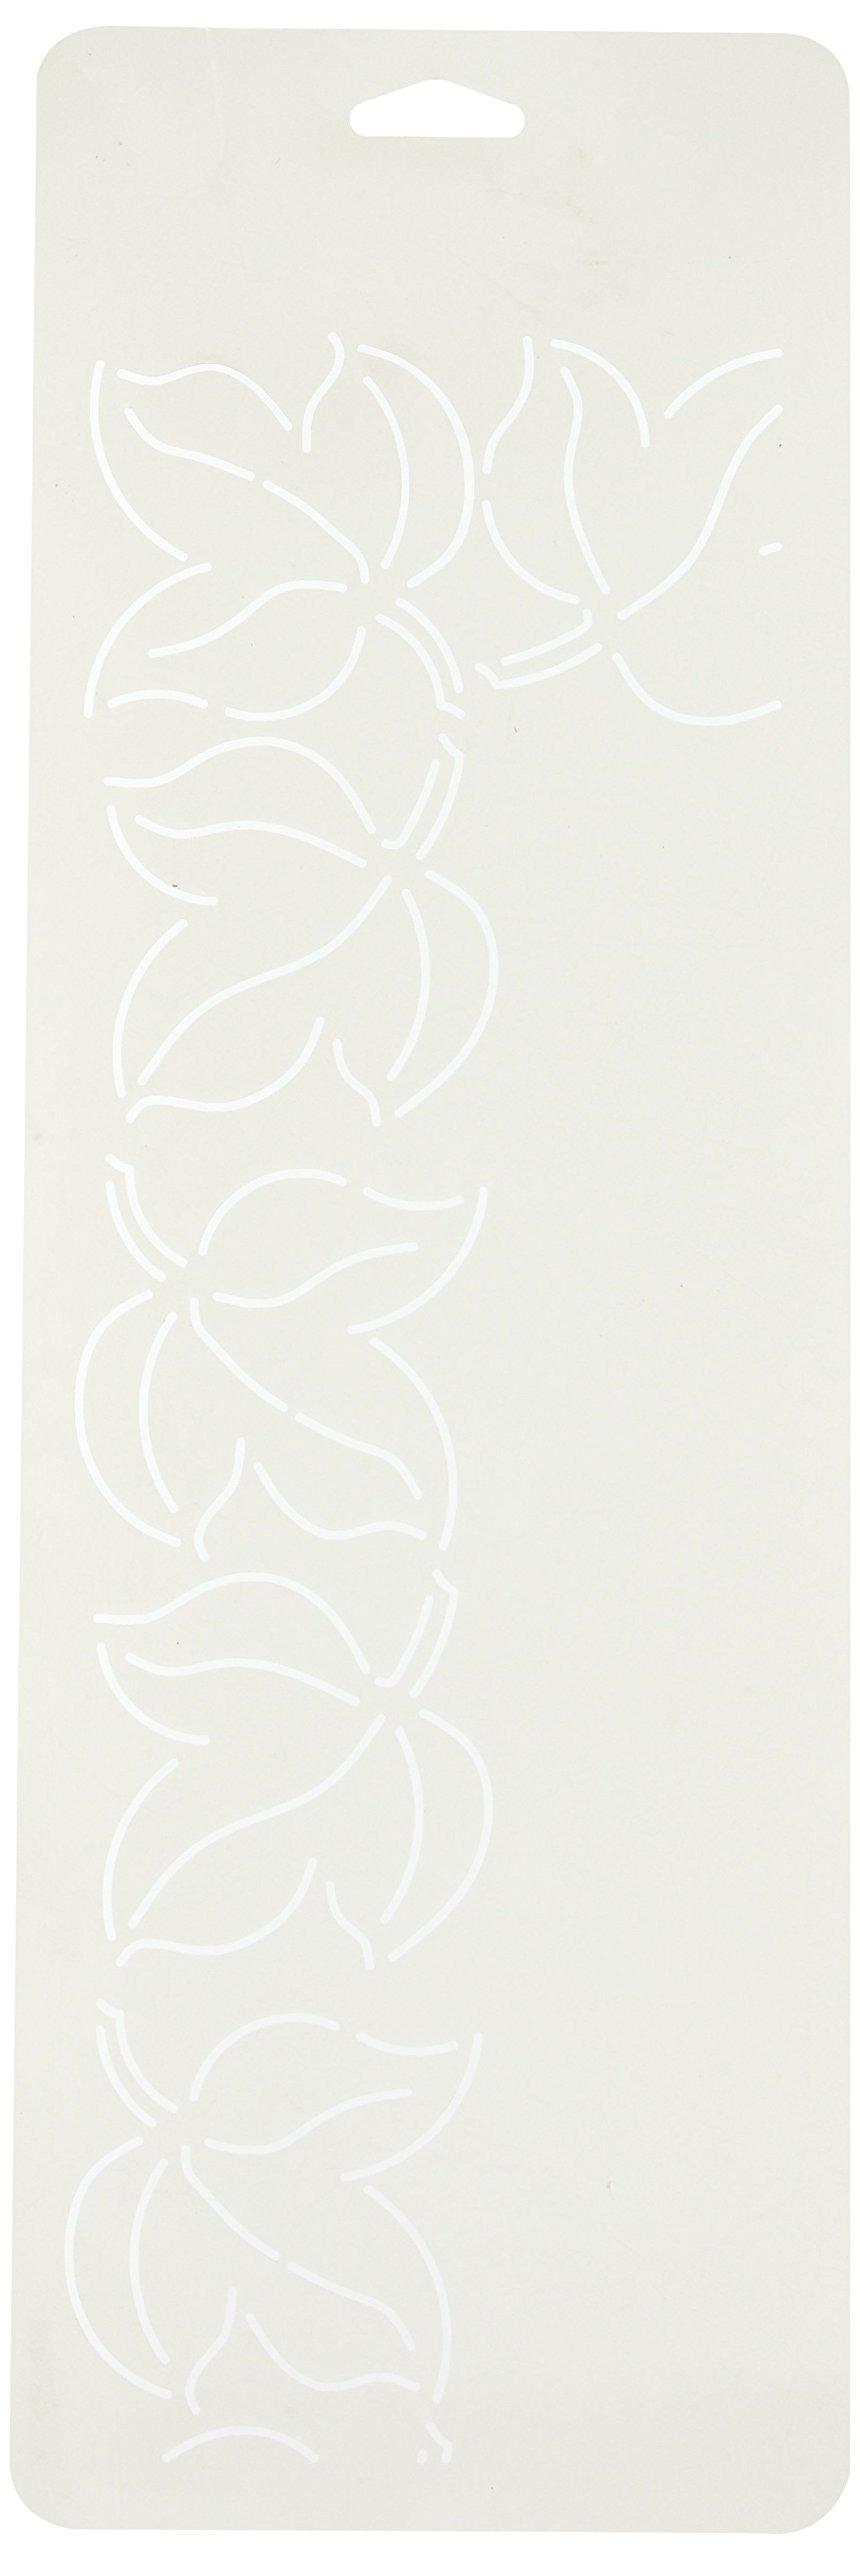 Sten Source Quilt Stencils by Bobbie Smith-3'' Leaf 6''X18'' by Sten Source